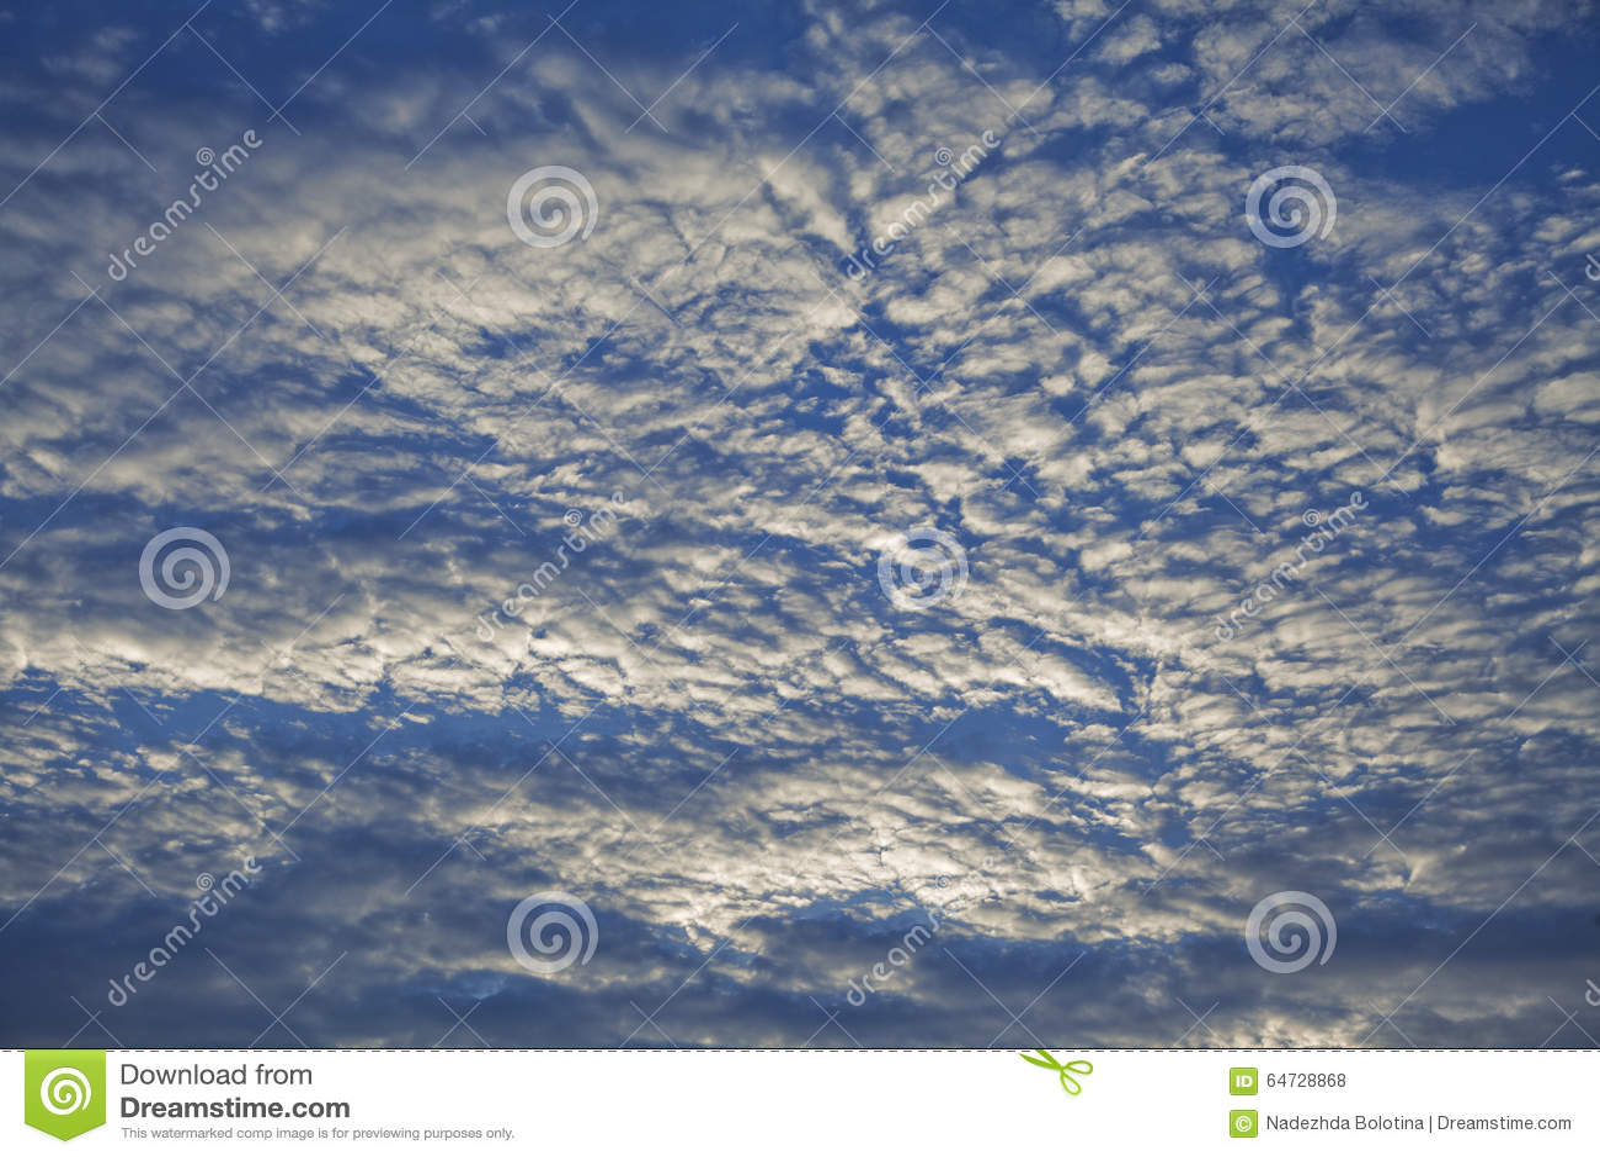 Cielo di sera con le nuvole